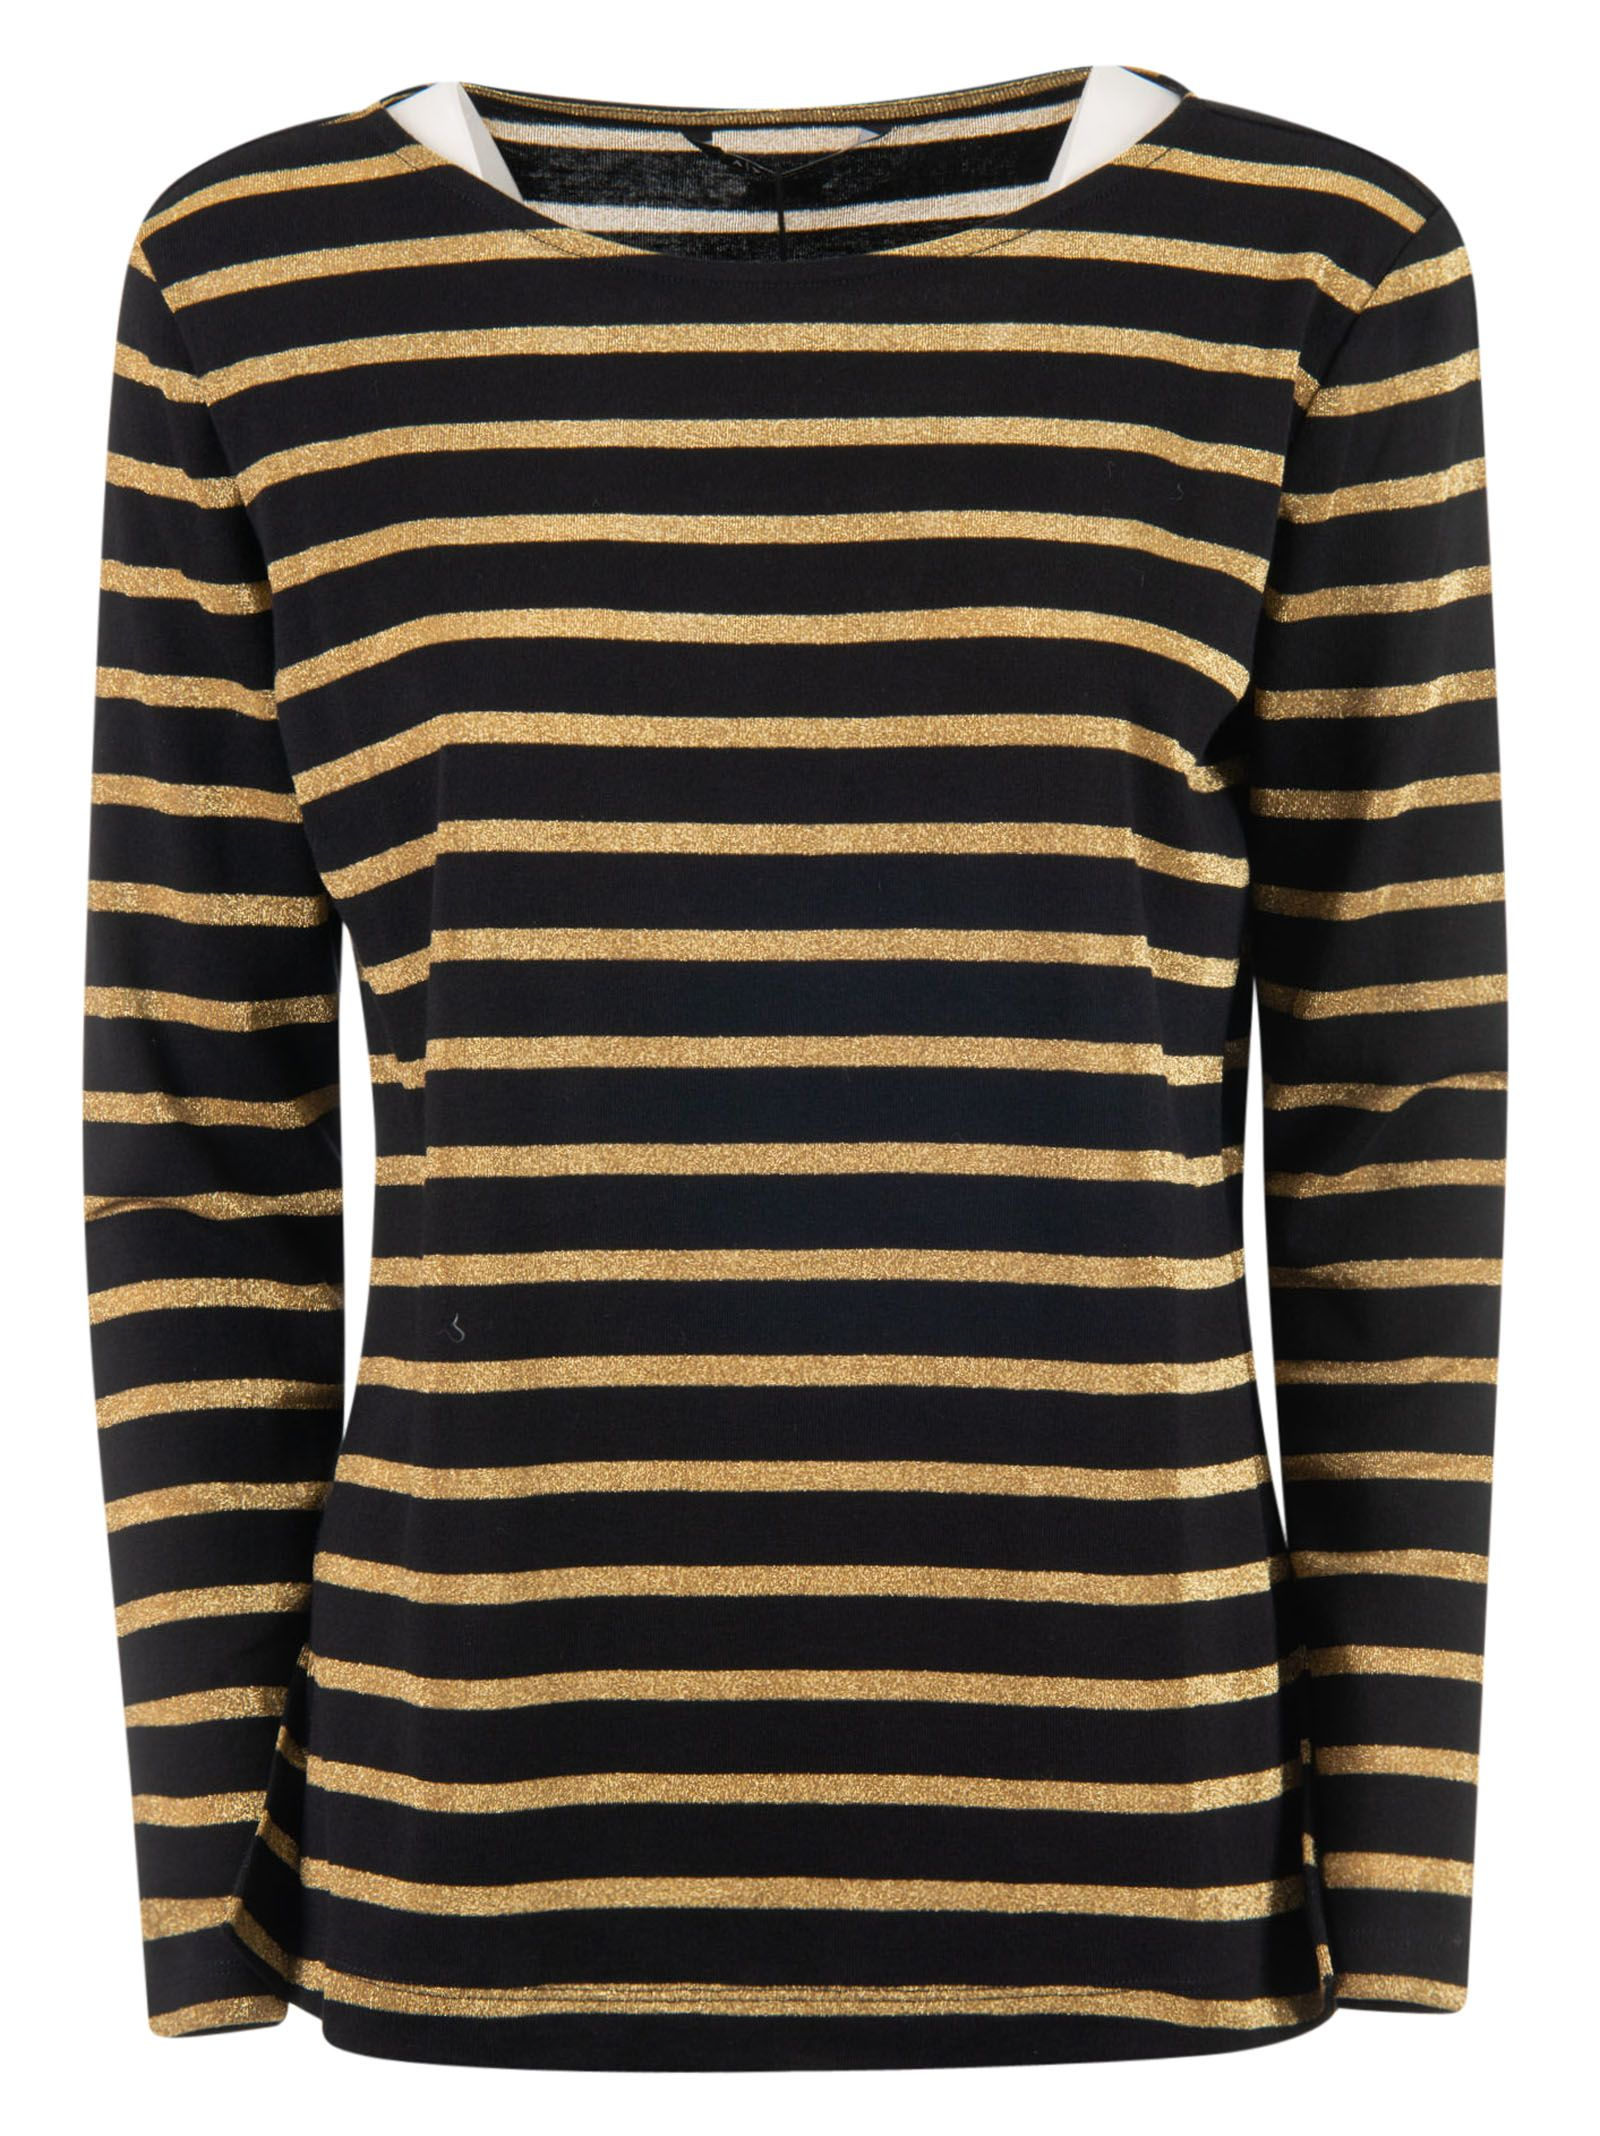 Armani Collezioni Armani Collezioni Striped Sweater Black Gold